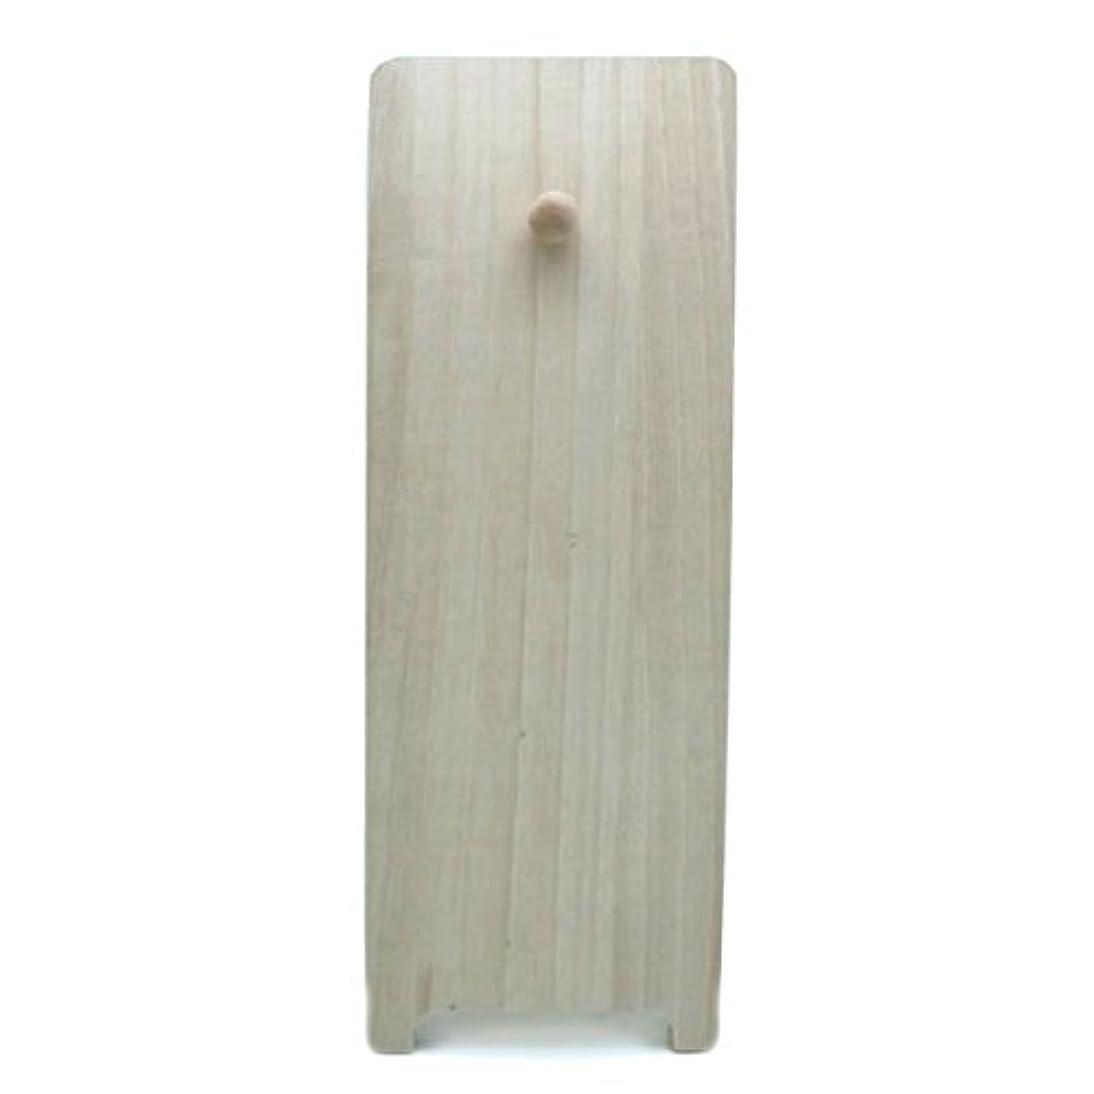 鋭くアジア人遠足桐製飾り台